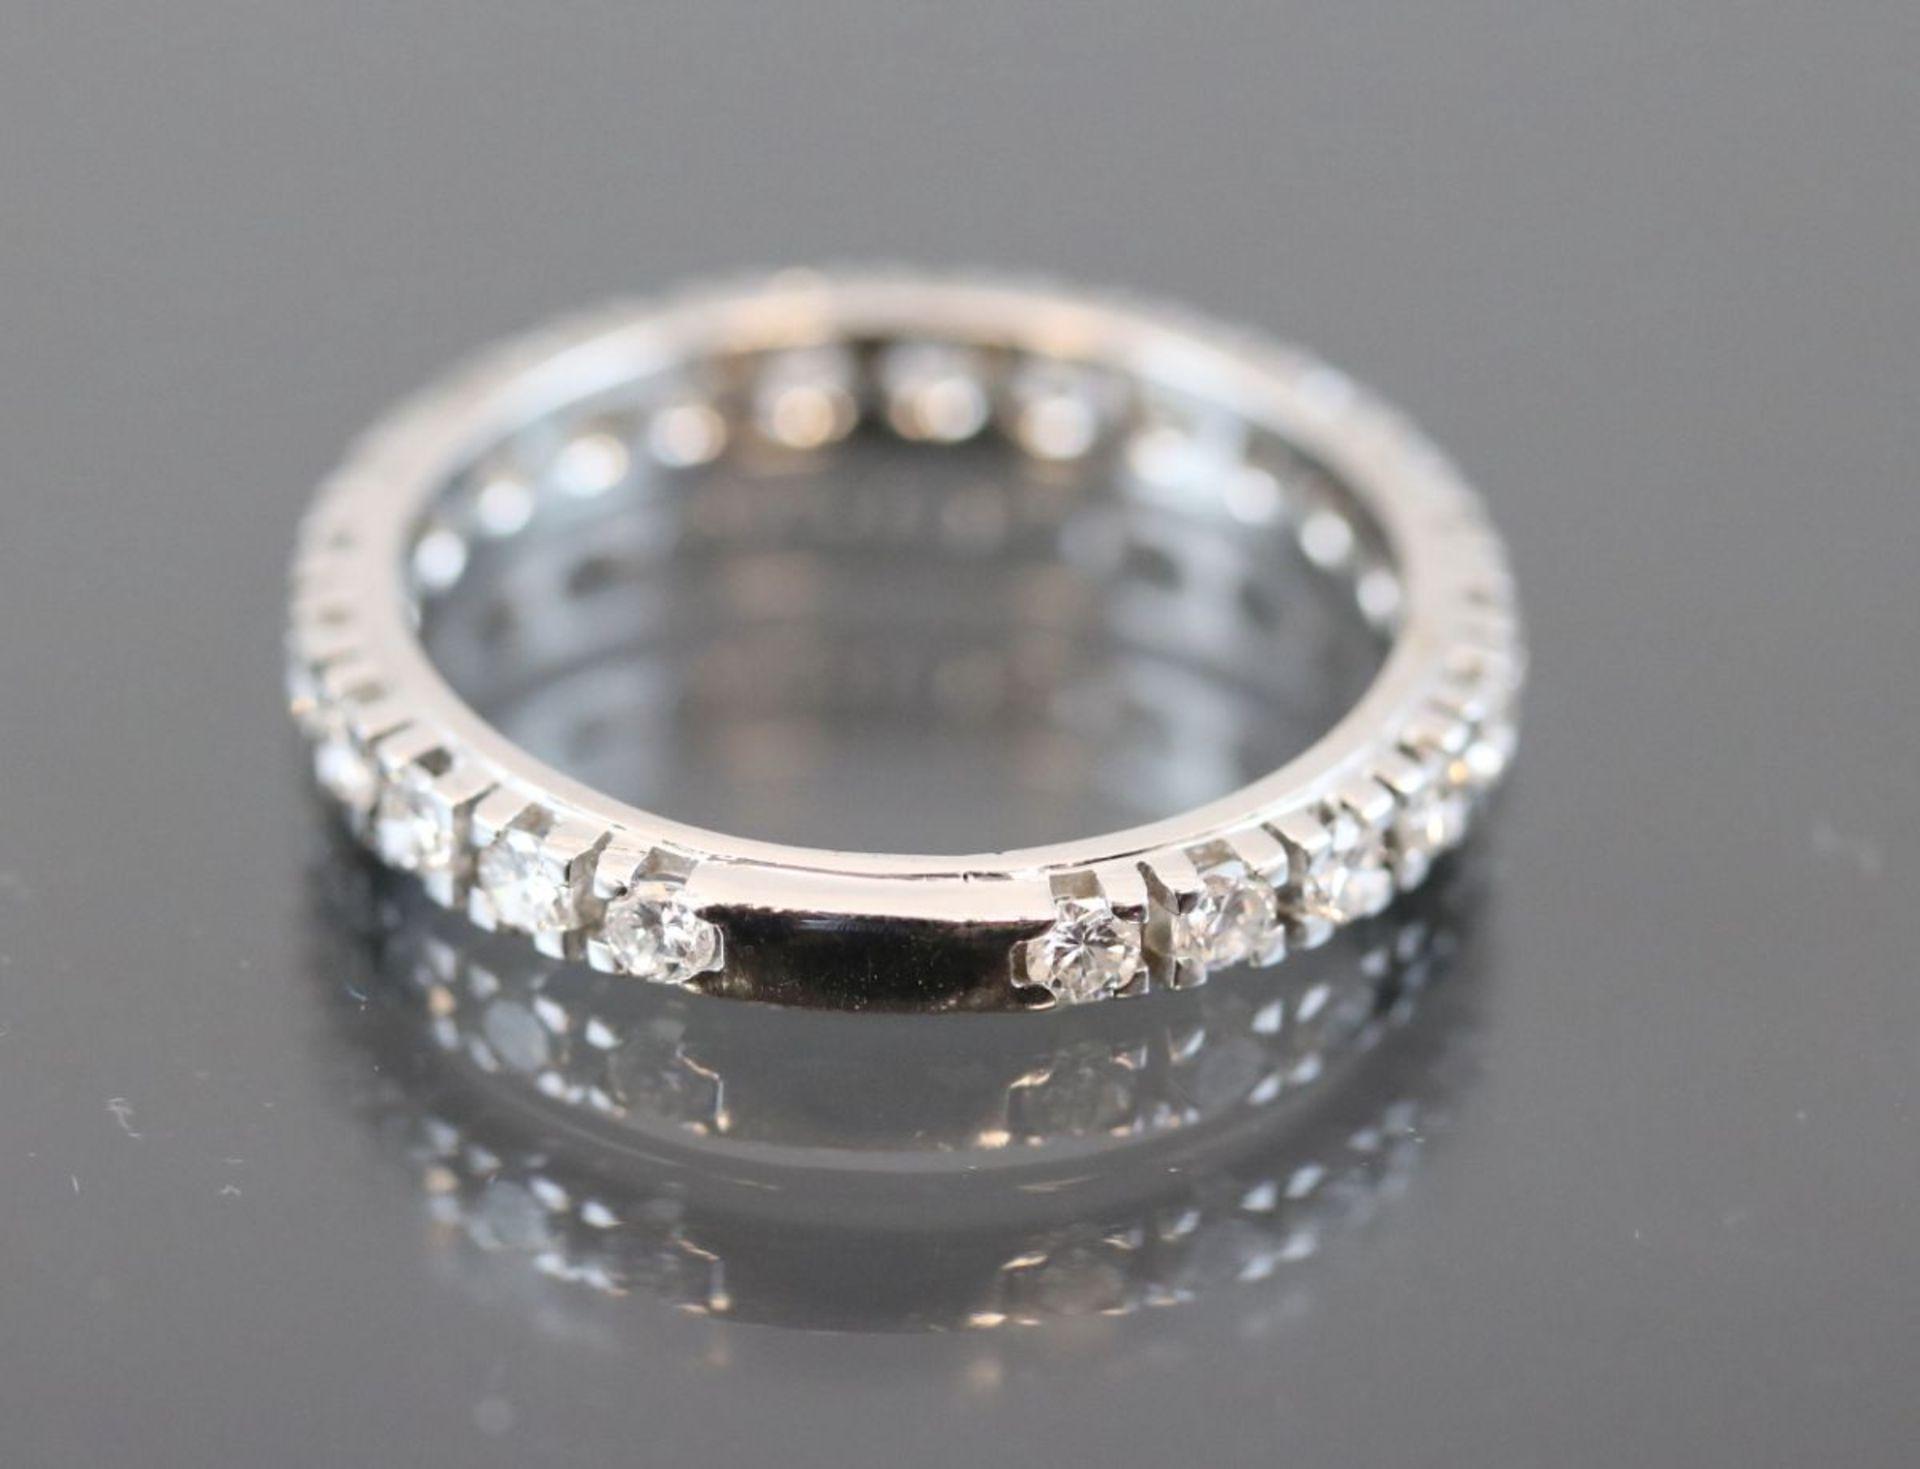 Brillant-Ring, 585 Weißgold3,2 Gramm 23 Brillanten, 1,1 ct., w/si. Ringgröße: 63Schätzpreis: 3300,- - Bild 2 aus 2